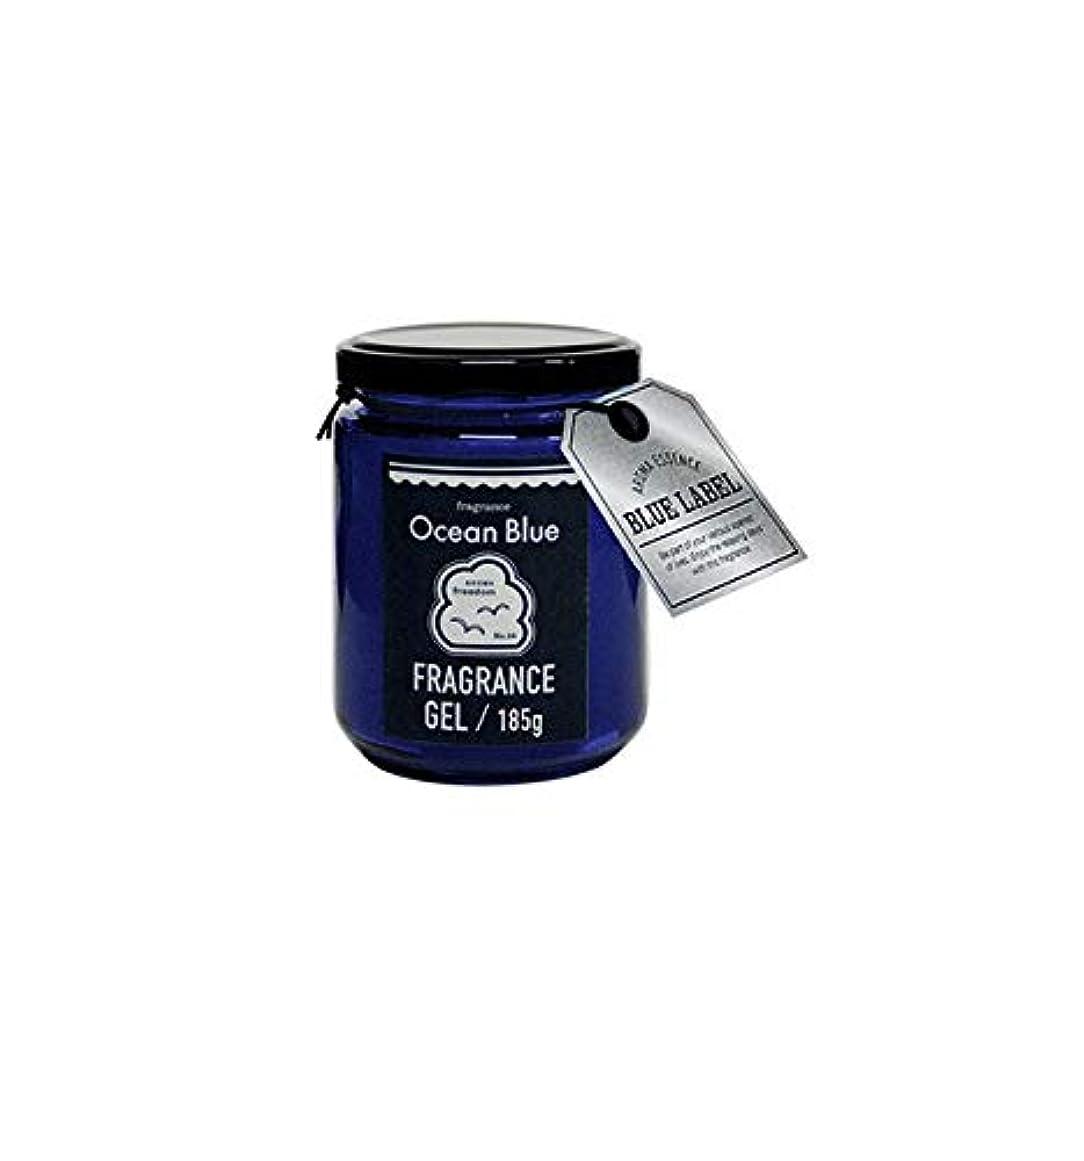 巨大な回転する印象ブルーラベル ブルー フレグランスジェル185g オーシャンブルー(ルームフレグランス 約1-2ヶ月 海の爽快な香り)